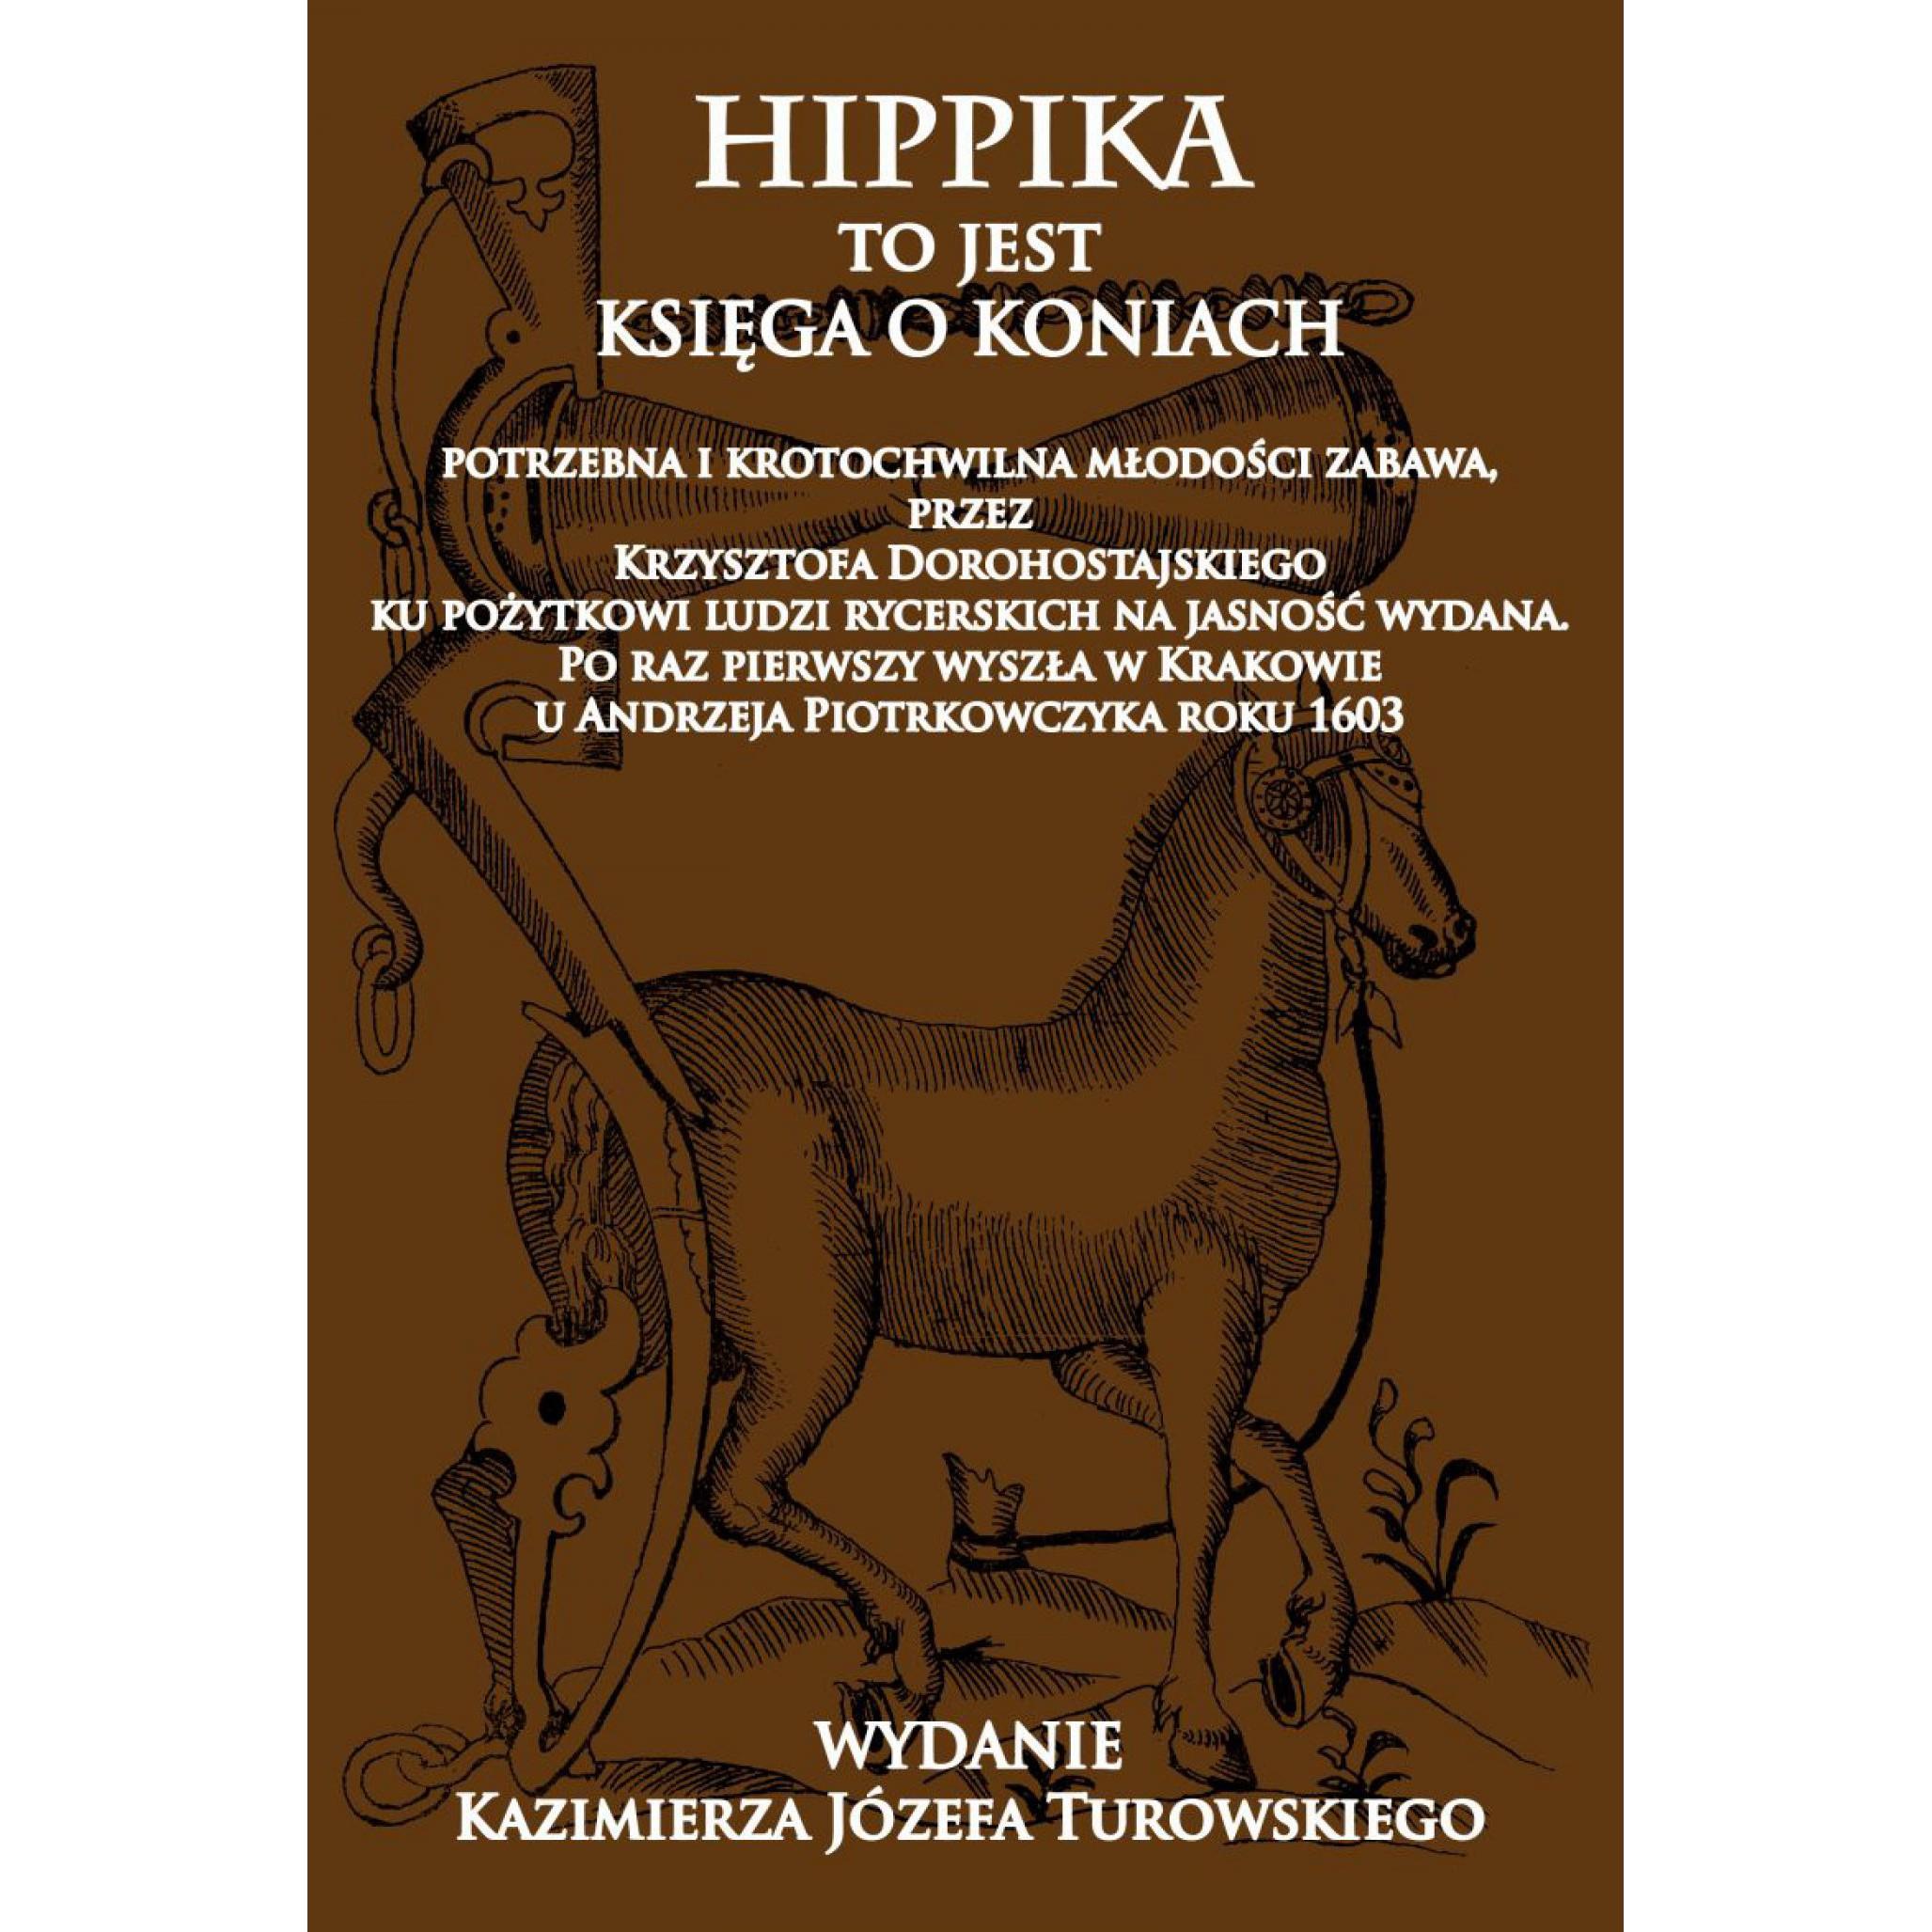 Hippika to jest księga o koniach